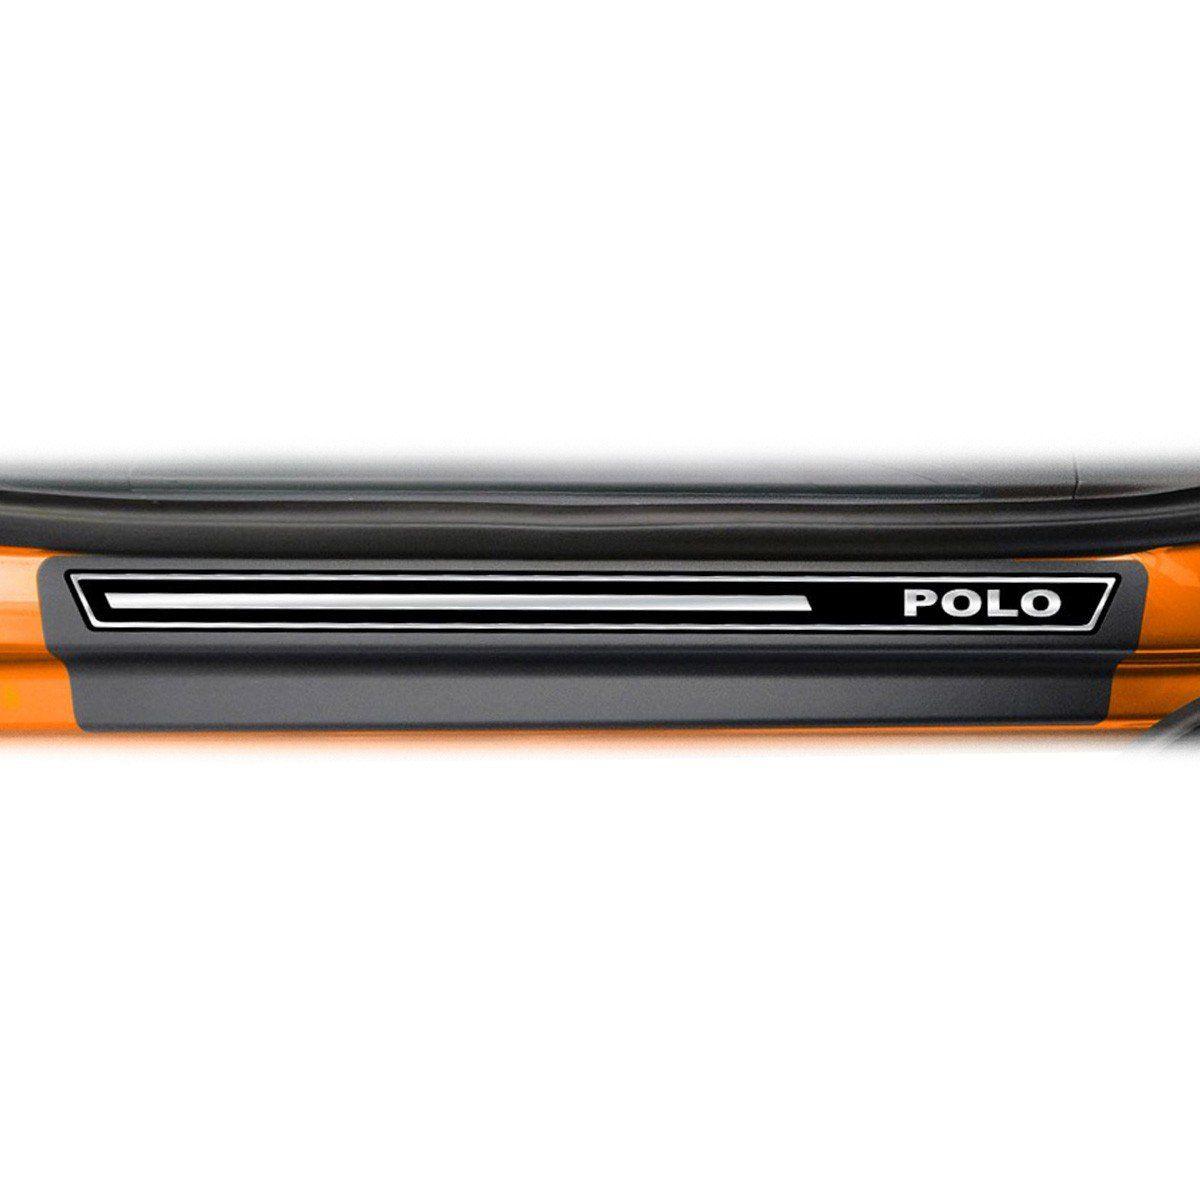 Soleira Porta Novo Polo 2018 Resinada Modelo Elegance